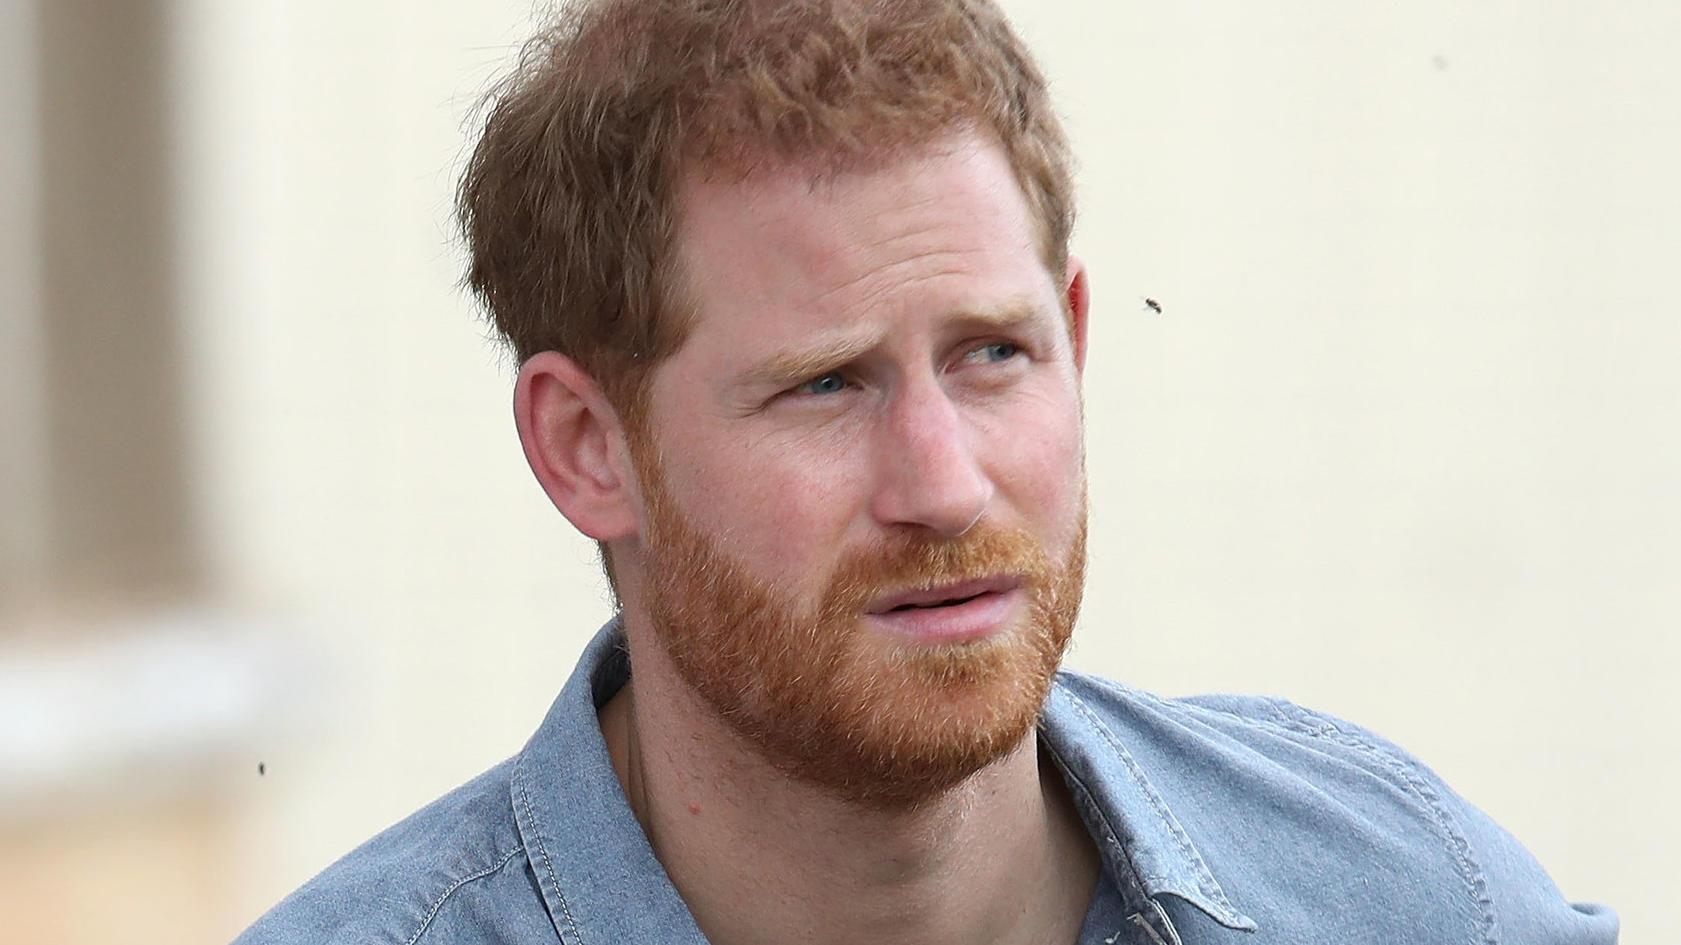 Prinz Harry soll schon in wenigen Jahren haarlos sein.